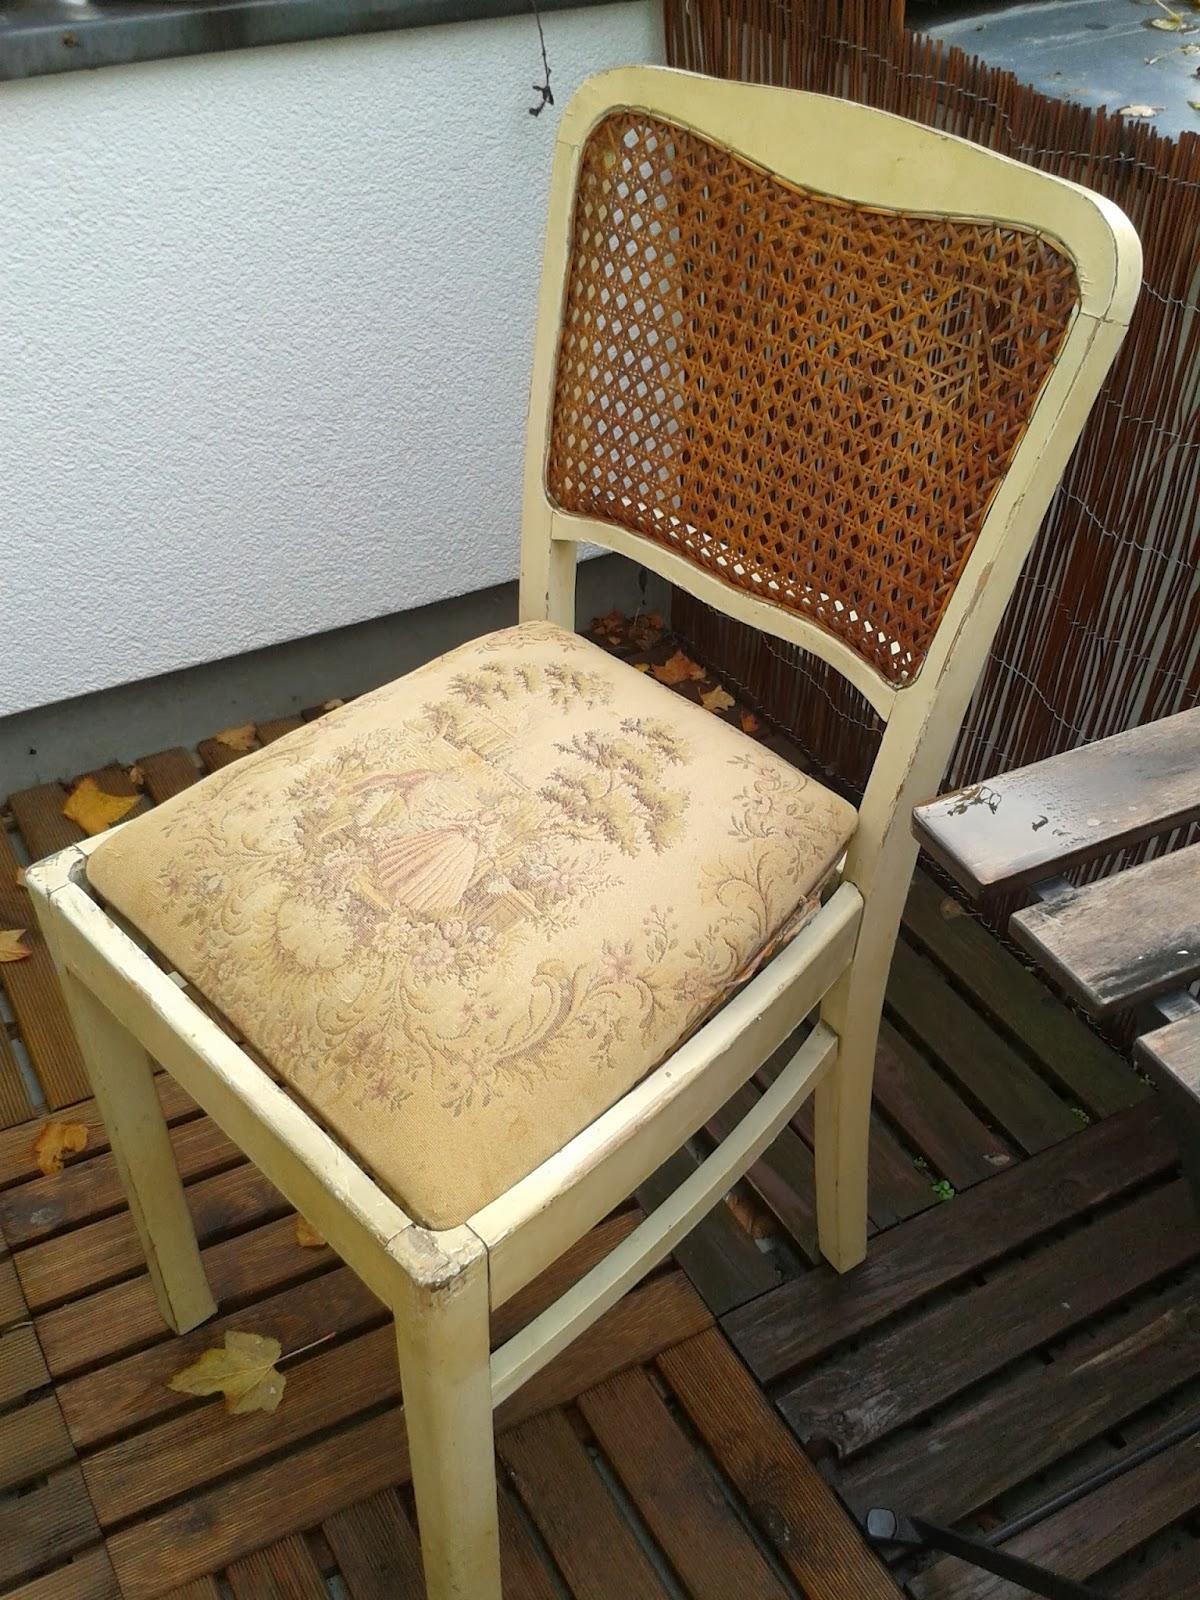 Stuhl Abschleifen stuhl abschleifen mit fr sthle gebohrte tolle stuhl an sofort